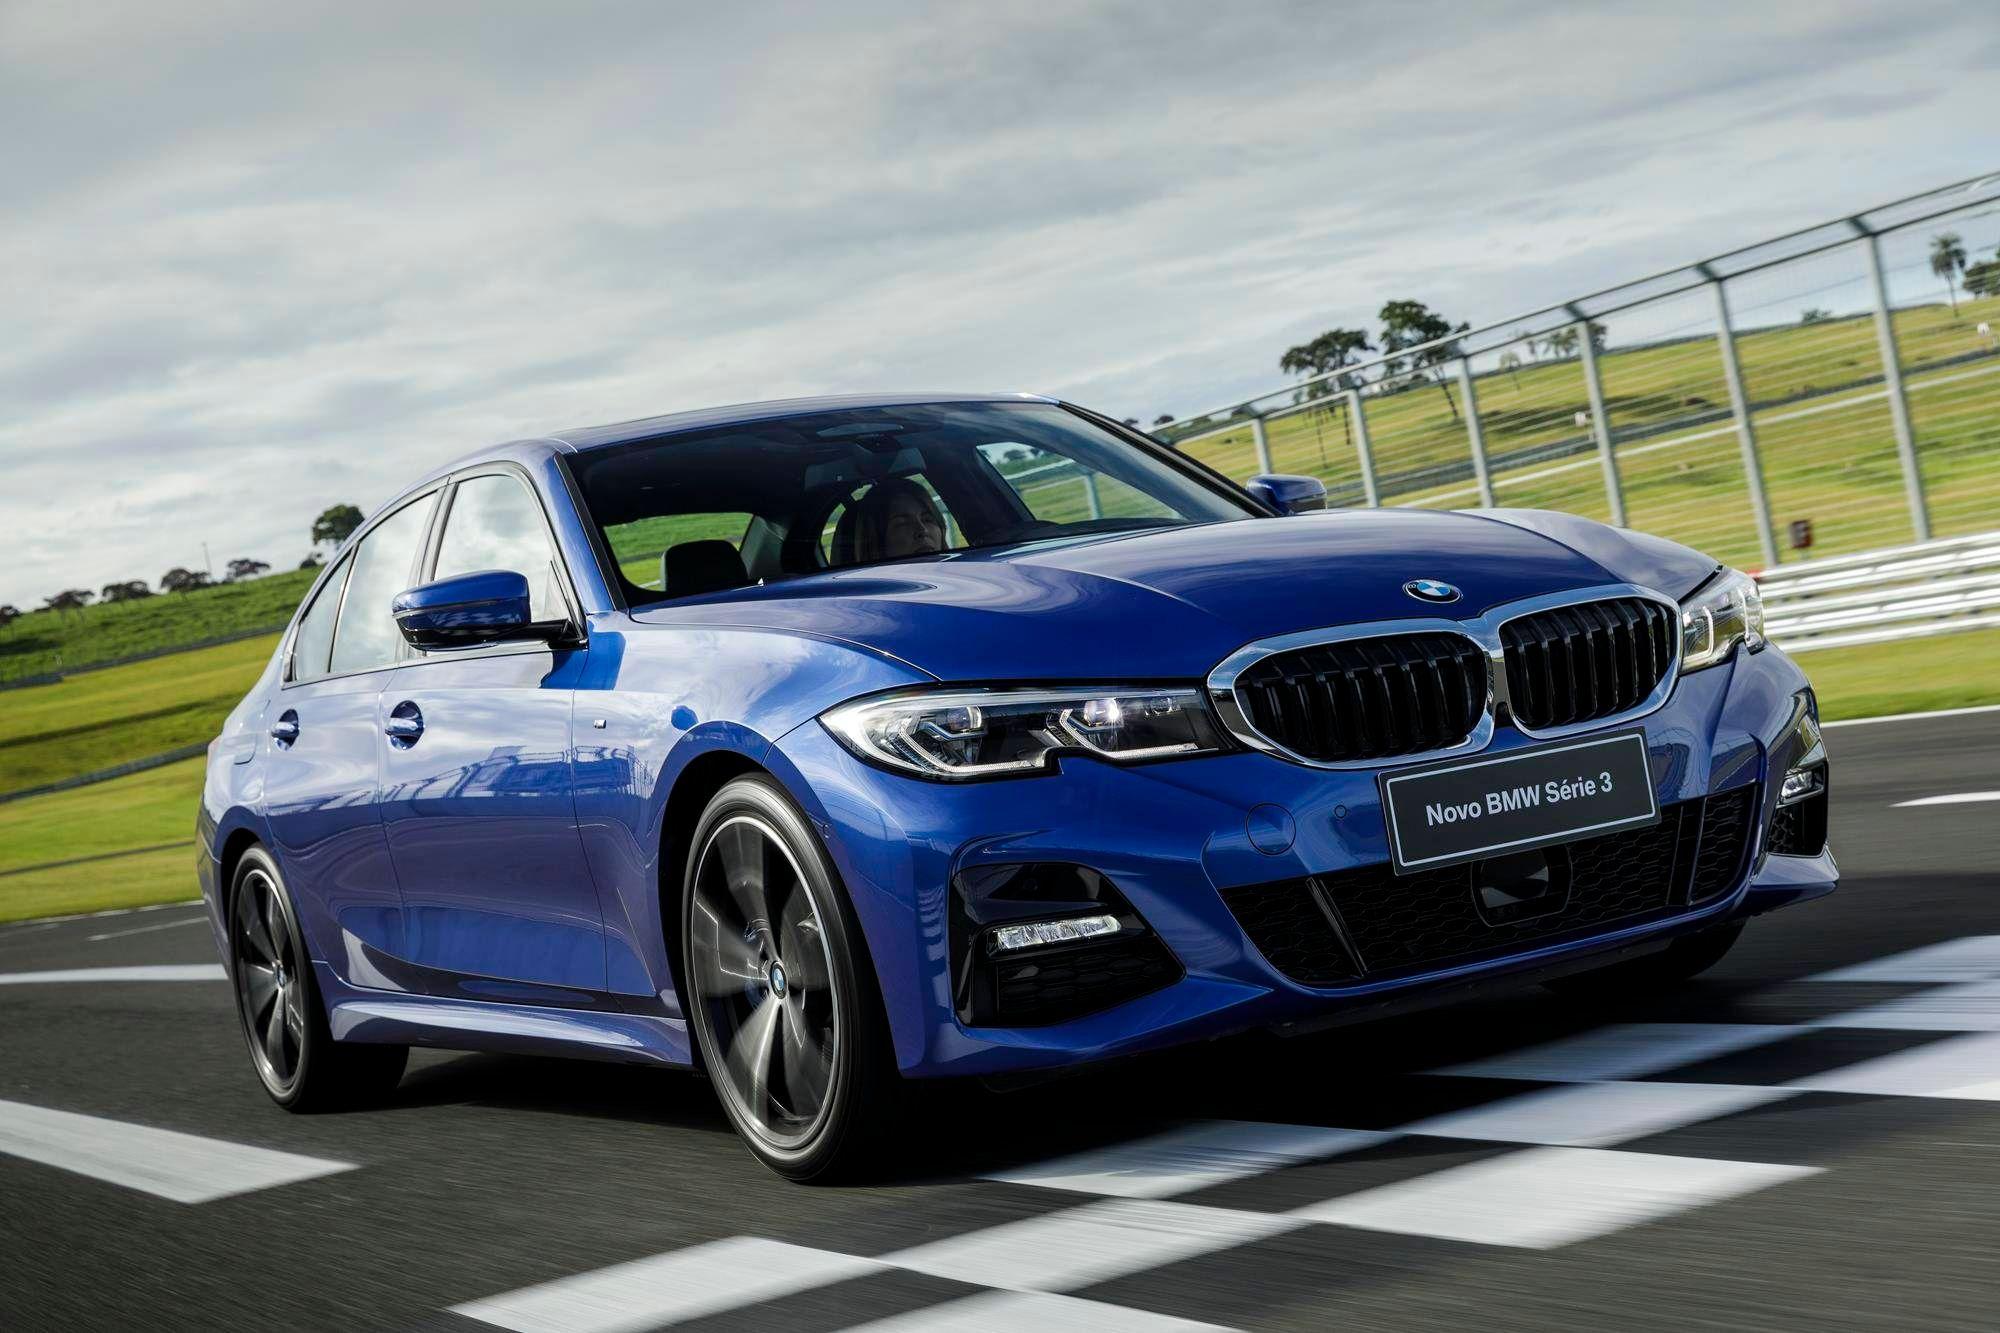 Foto: Nova geração do BMW Serie estreou recentemente no Brasil. Foto: BMW/ Divulgação